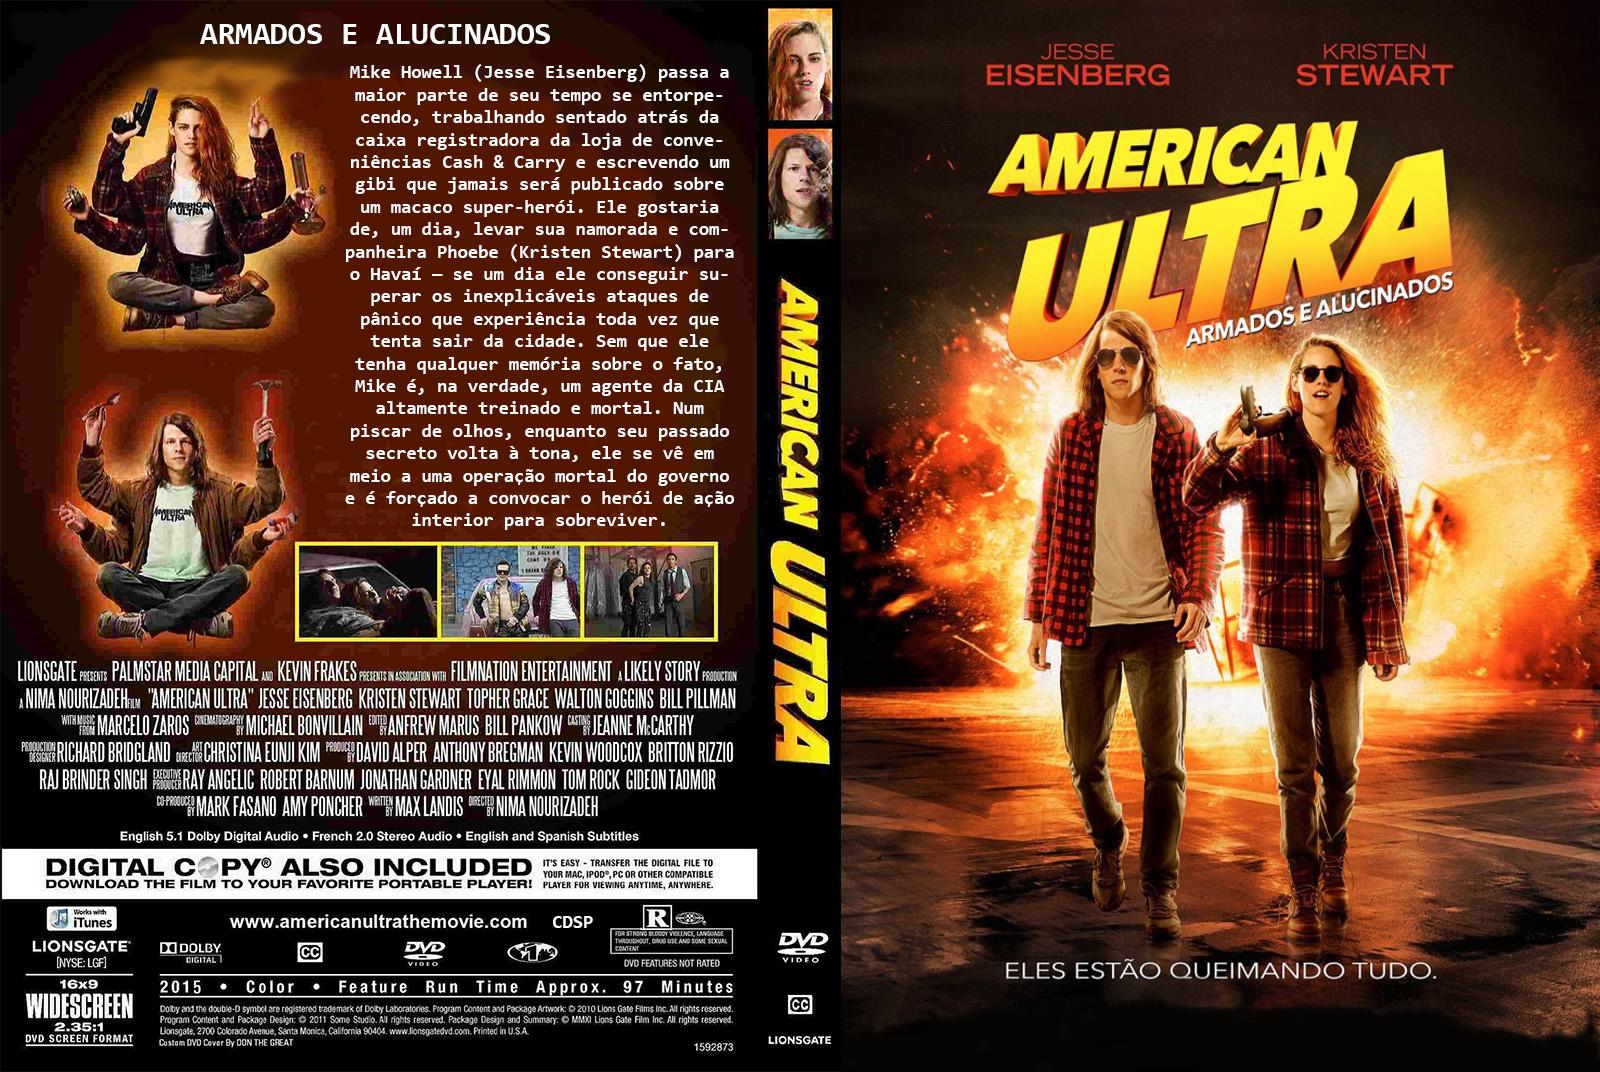 American Ultra Armados e Alucinados BDRip XviD Dual Áudio AMERICAN 2BULTRA 2B  2BARMADOS 2BE 2BALUCINADOS 2B  2B2015 2BC1